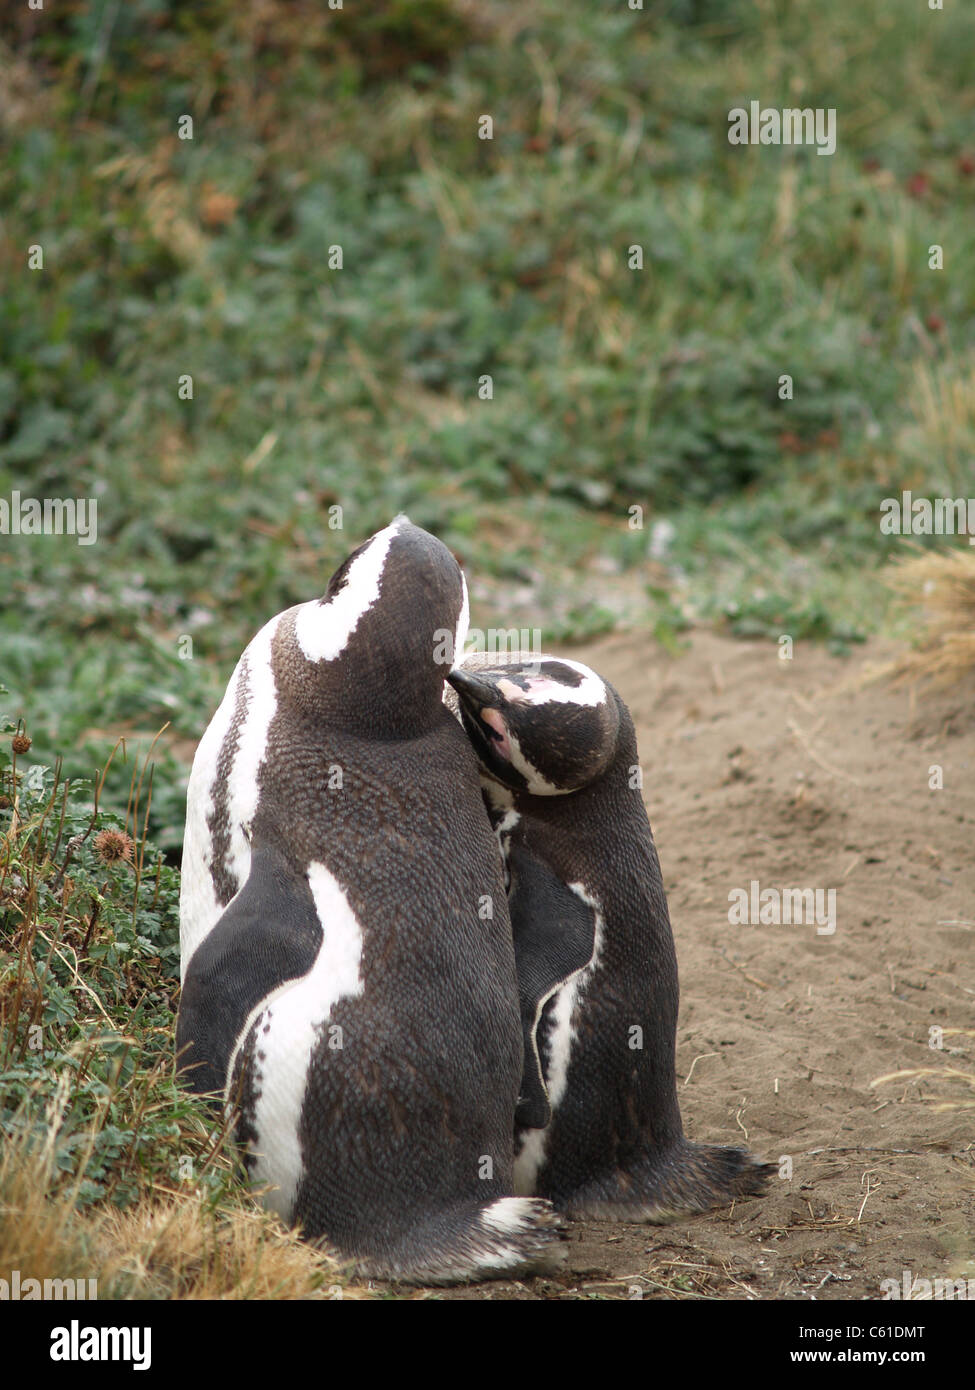 Par de apareamiento de Pingüinos Magallánicos en el seno Otoway, Chile Imagen De Stock